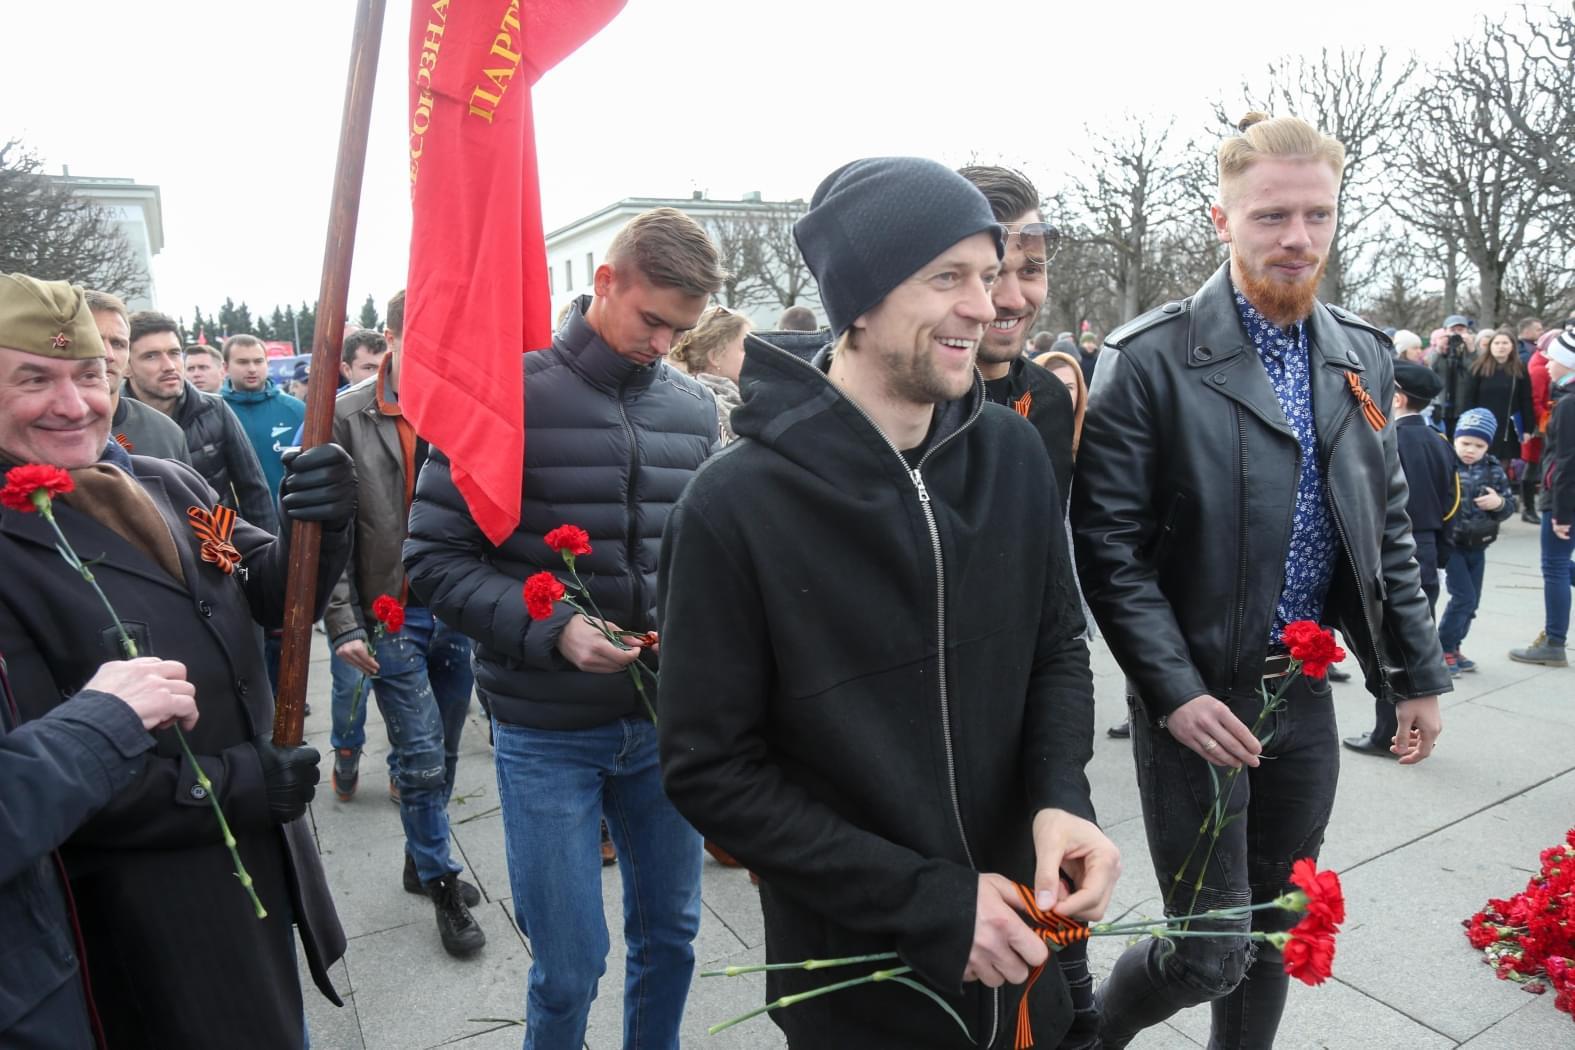 Легендарный украинский футболист засветился сгеоргиевской лентой напараде в Российской Федерации